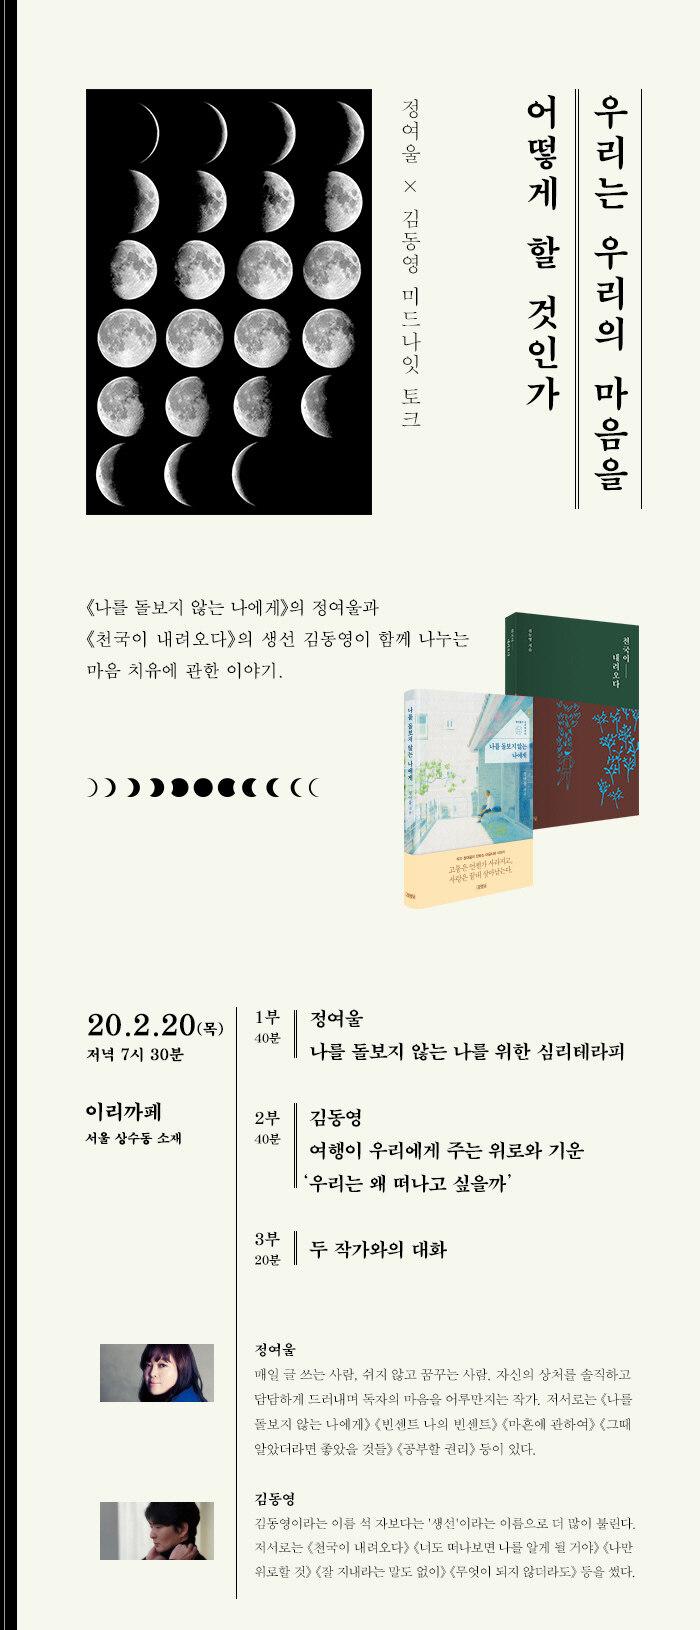 <우리는 우리의 마음을...> 정여울 × 김동영 미드나잇 토크